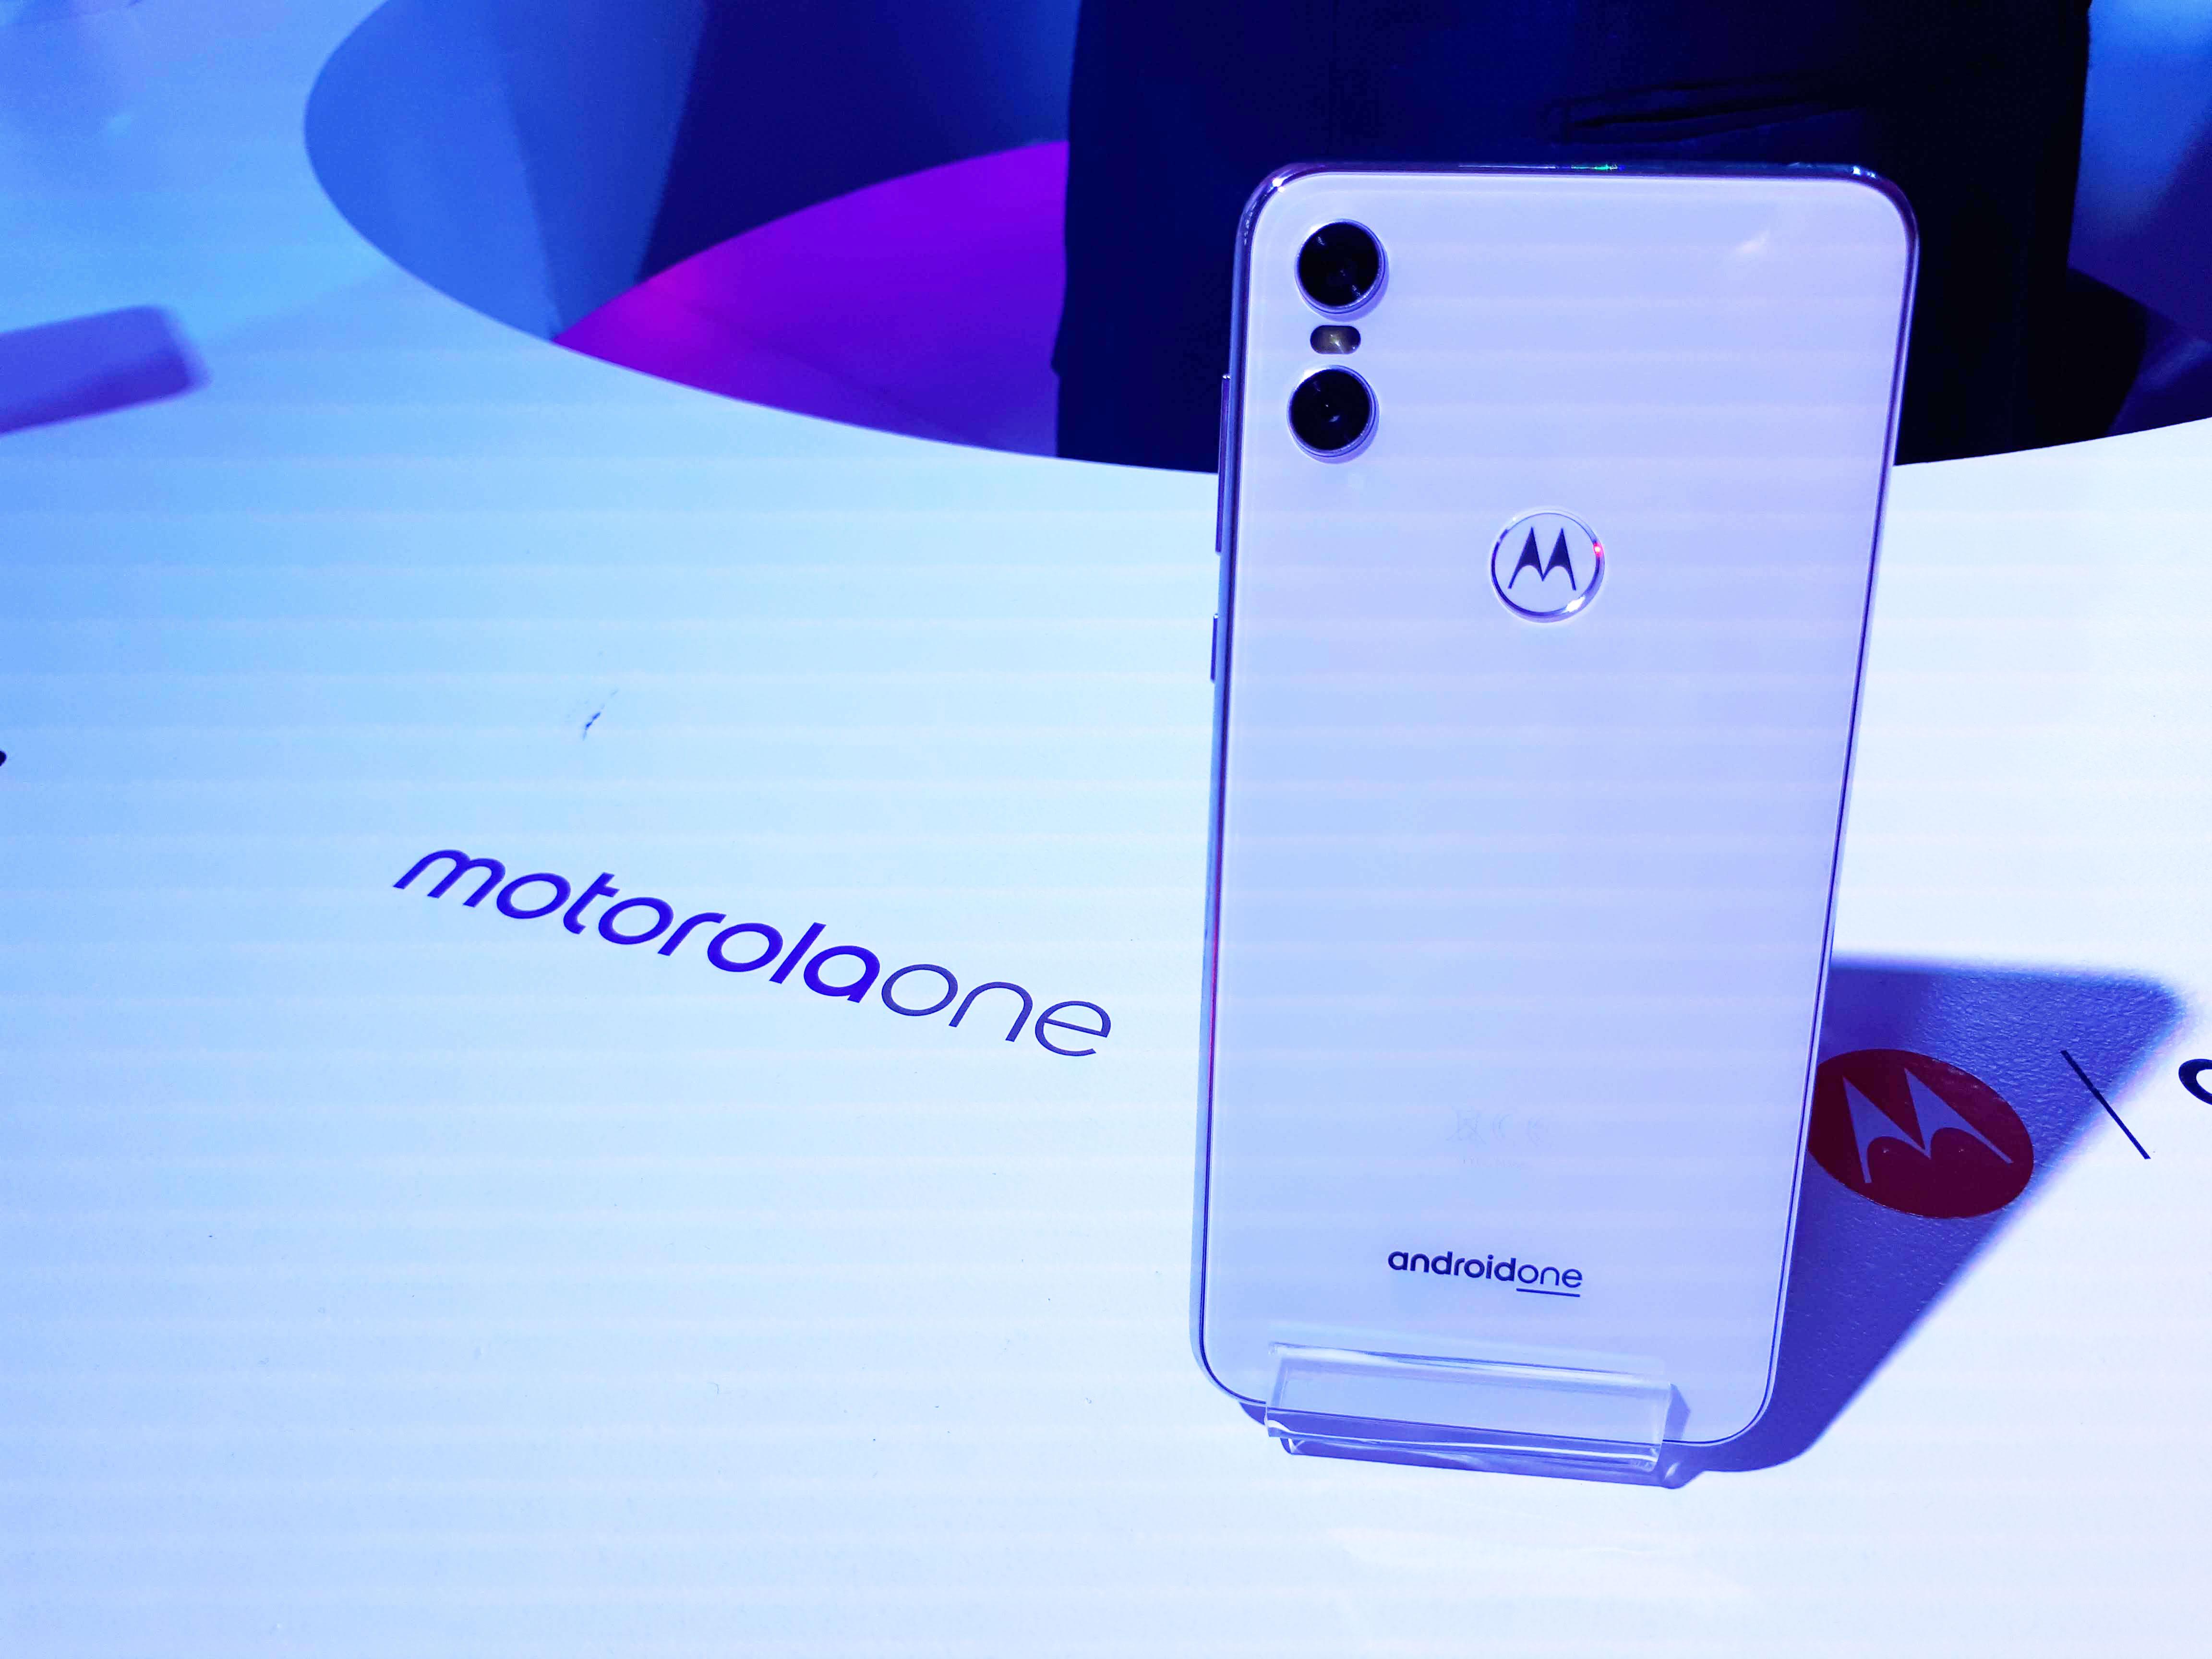 Primeras impresiones con el Motorola One, el móvil de Moto con Android One